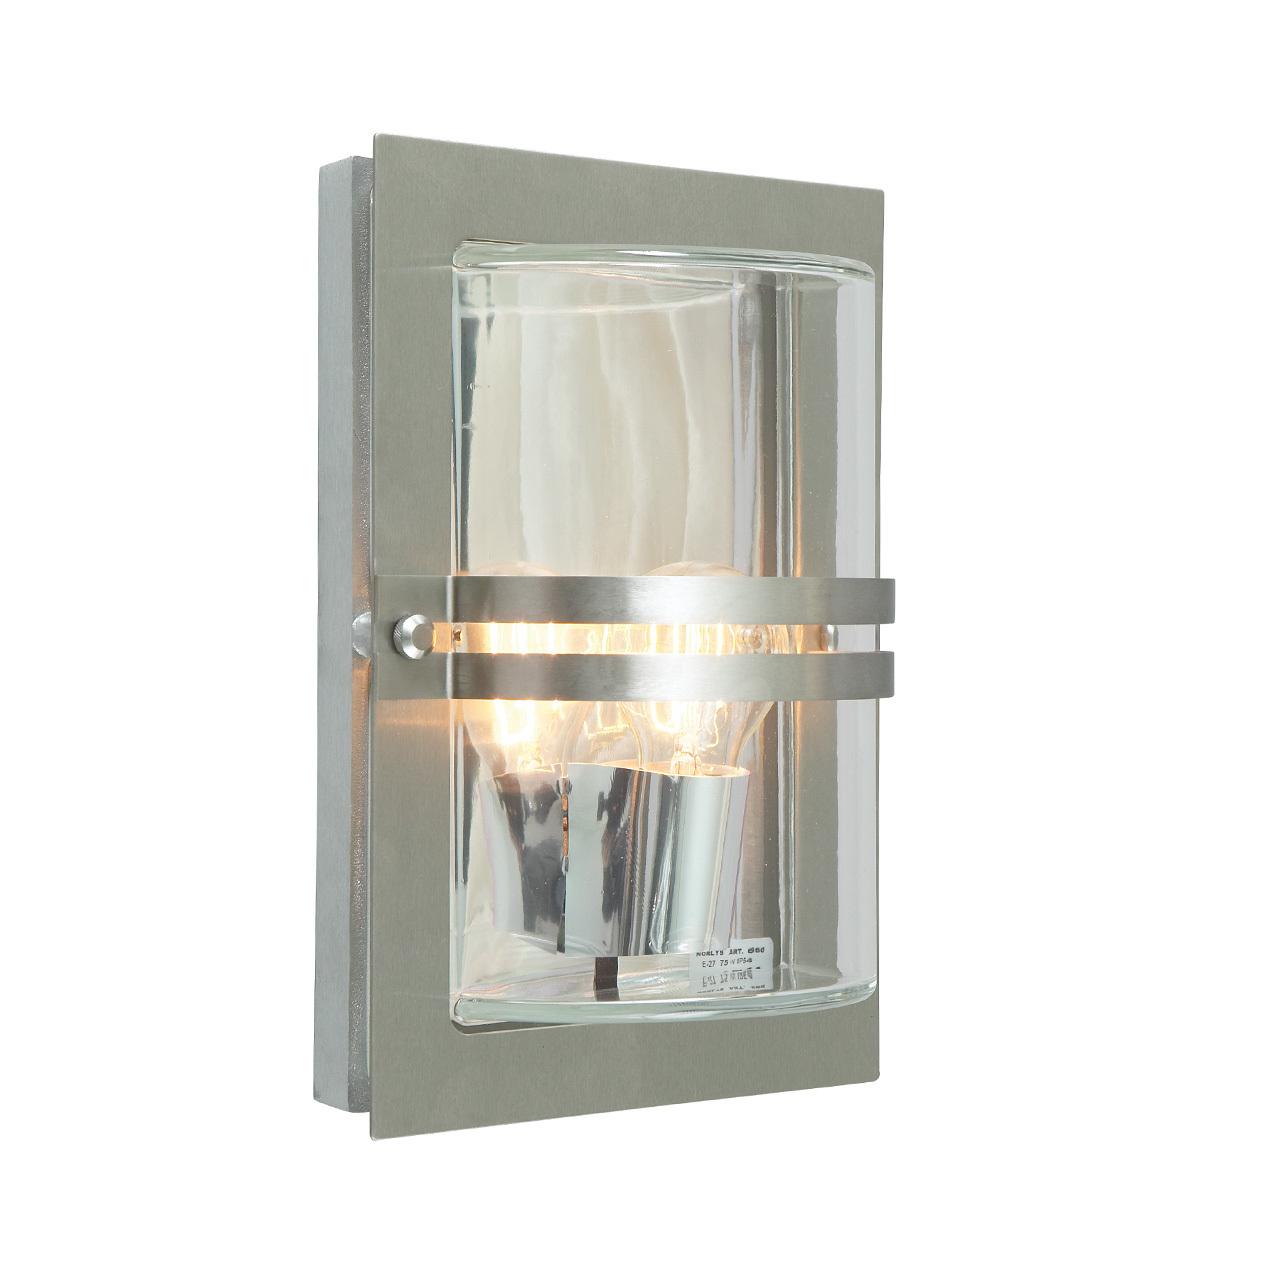 Lampa ścienna BASEL 660ST -Norlys  SPRAWDŹ RABATY  5-10-15-20 % w koszyku